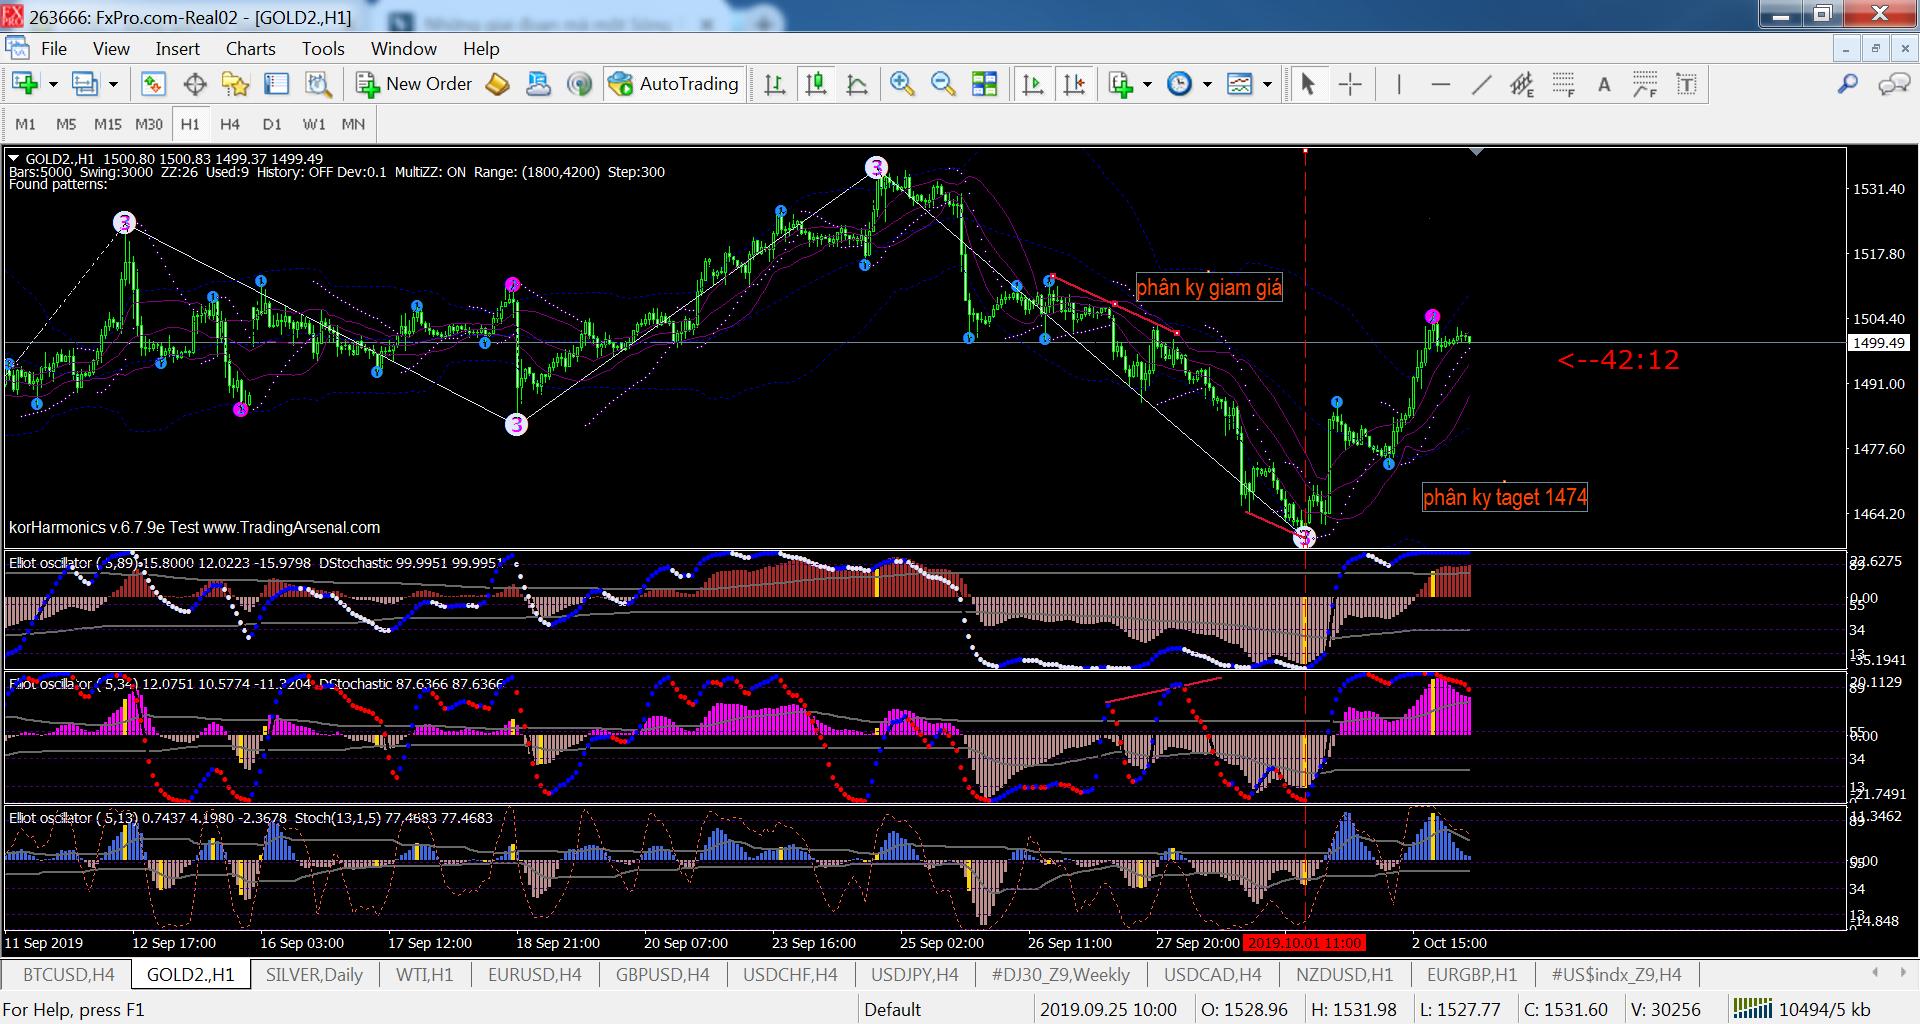 acharts.mql5.com_22_420_gold2_h1_fxpro_global_markets_2.